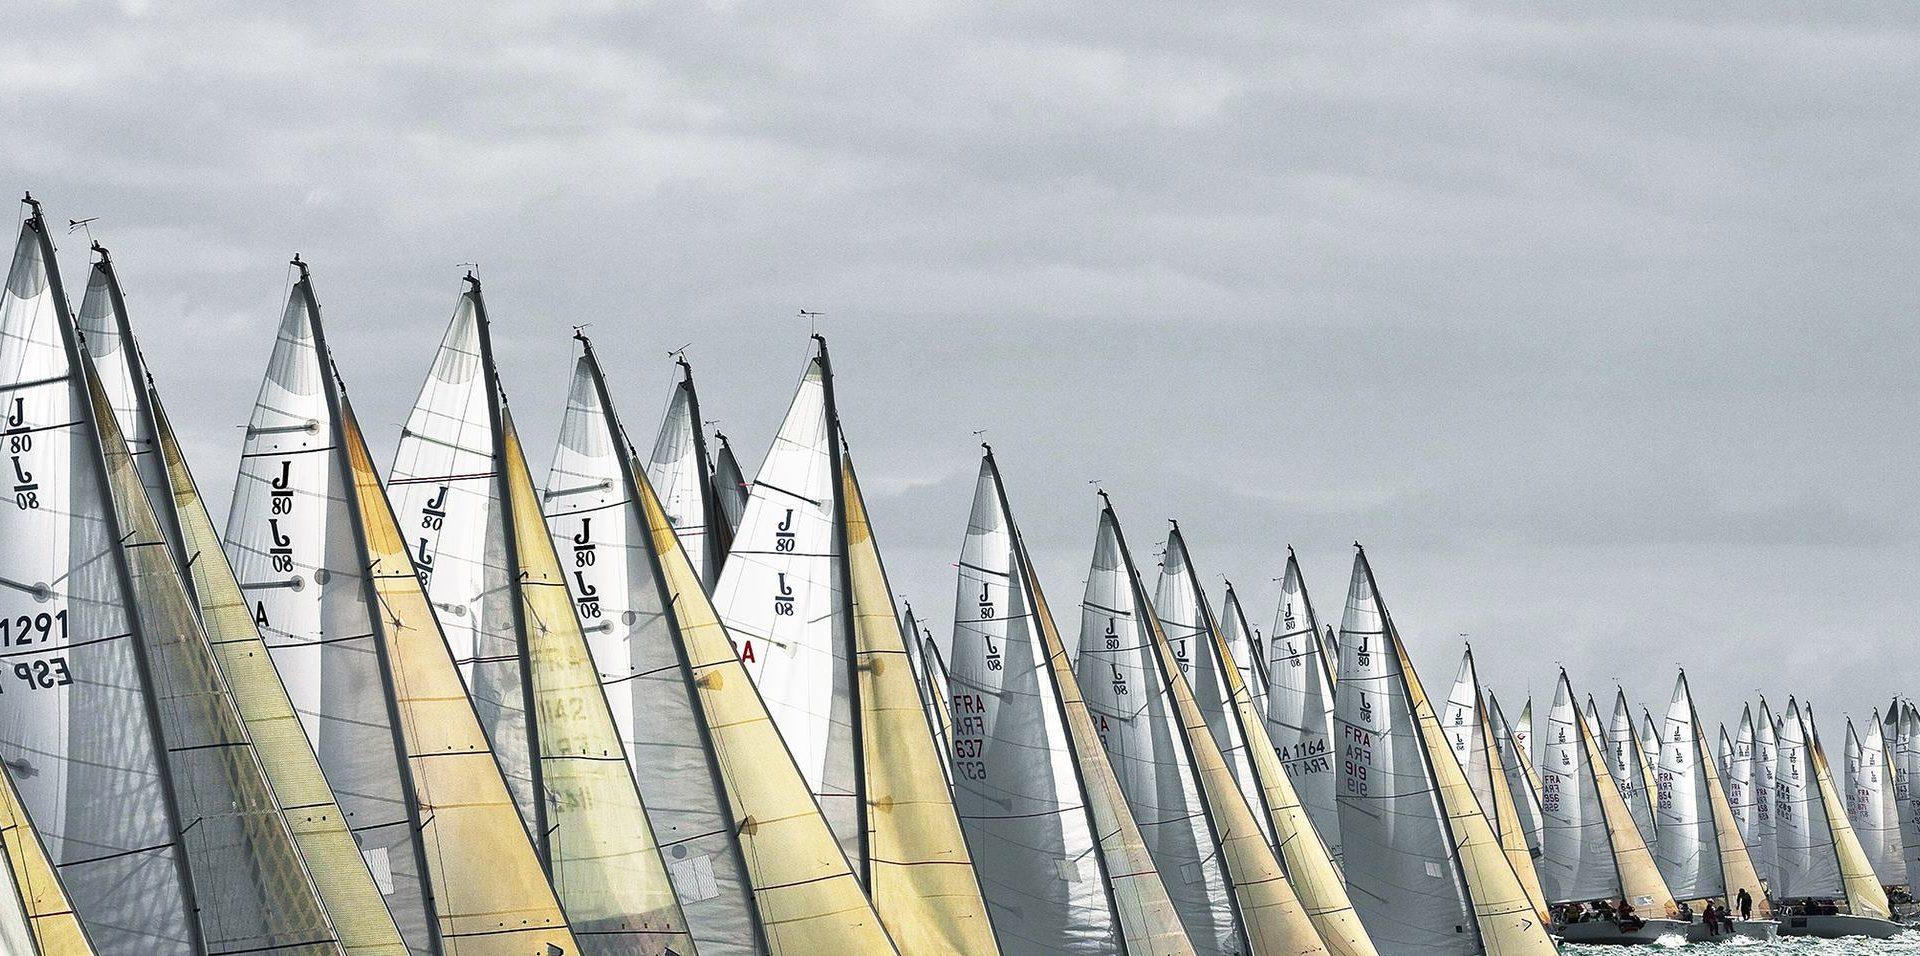 Image de voiliers dans la mer